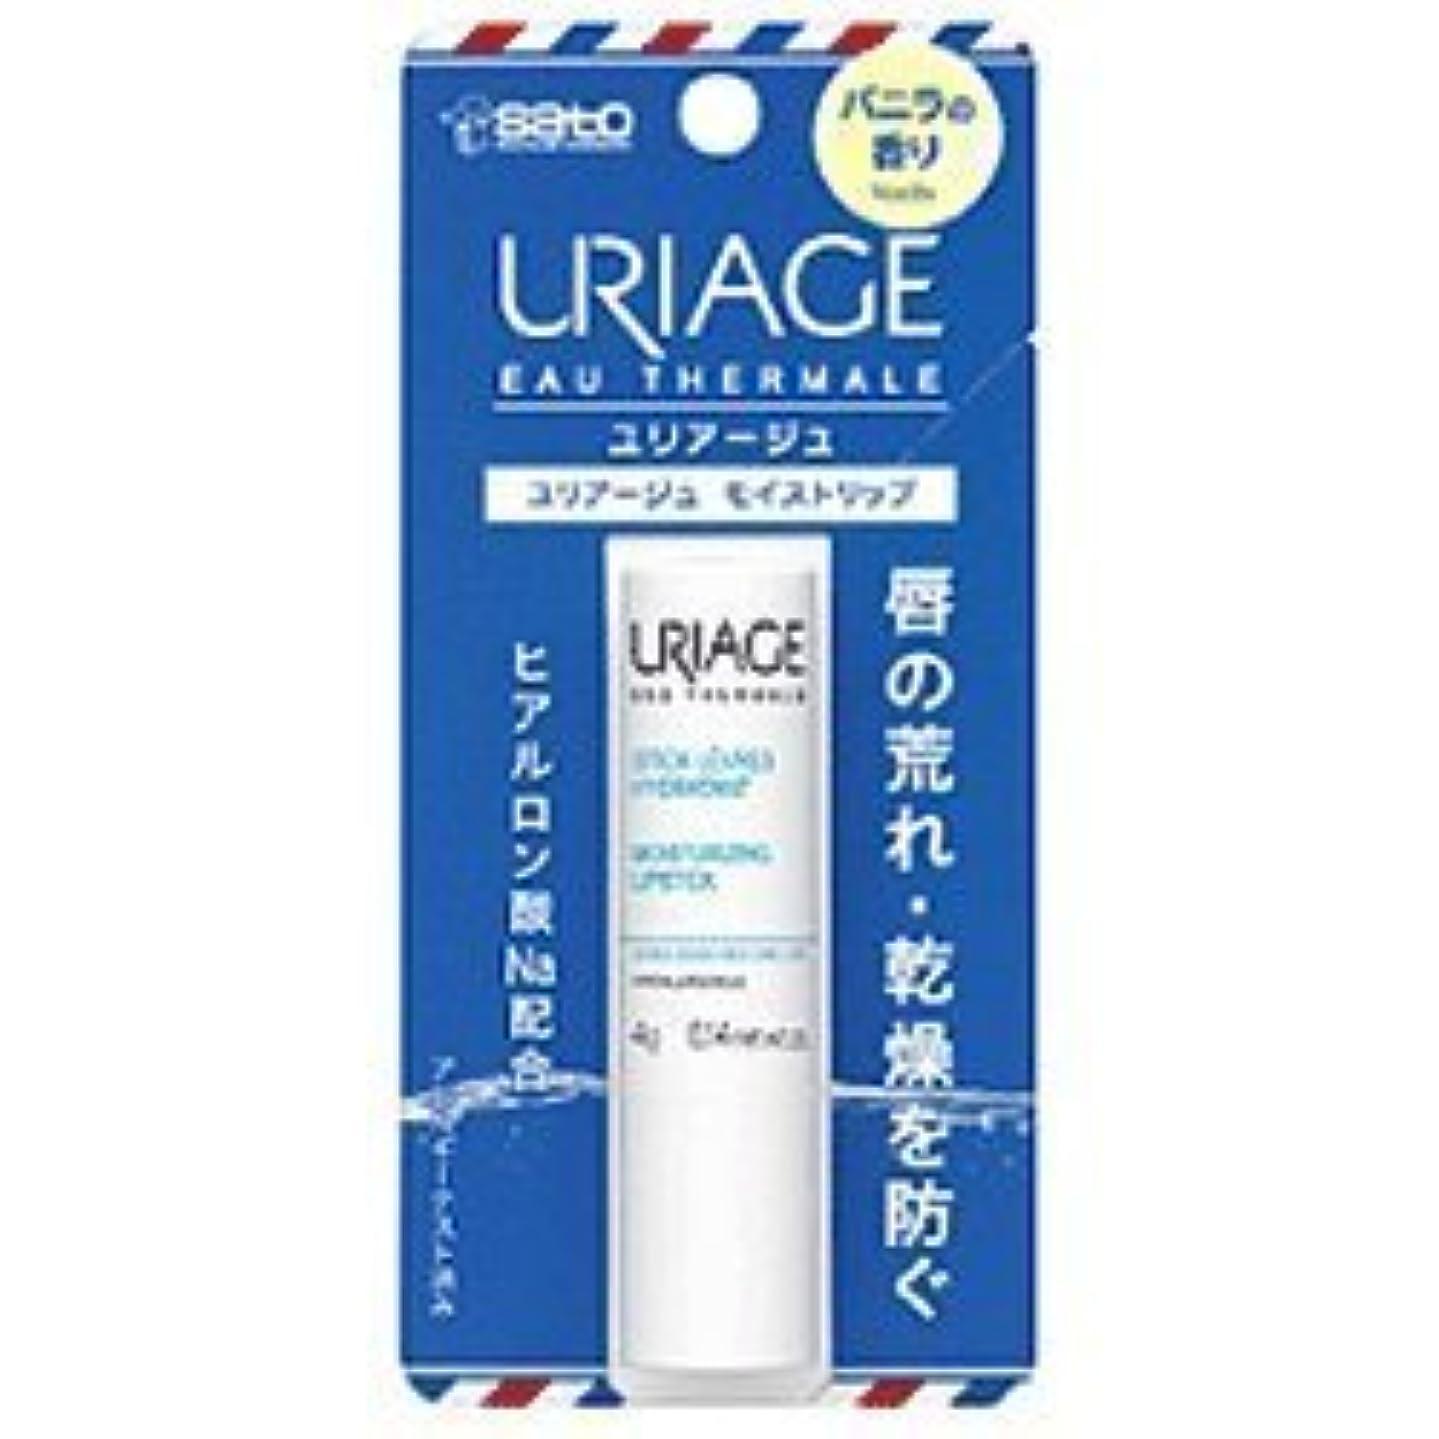 鋸歯状耕すクレタ【佐藤製薬】URIAGE (ユリアージュ) モイストリップ 4g <バニラの香り>?×3